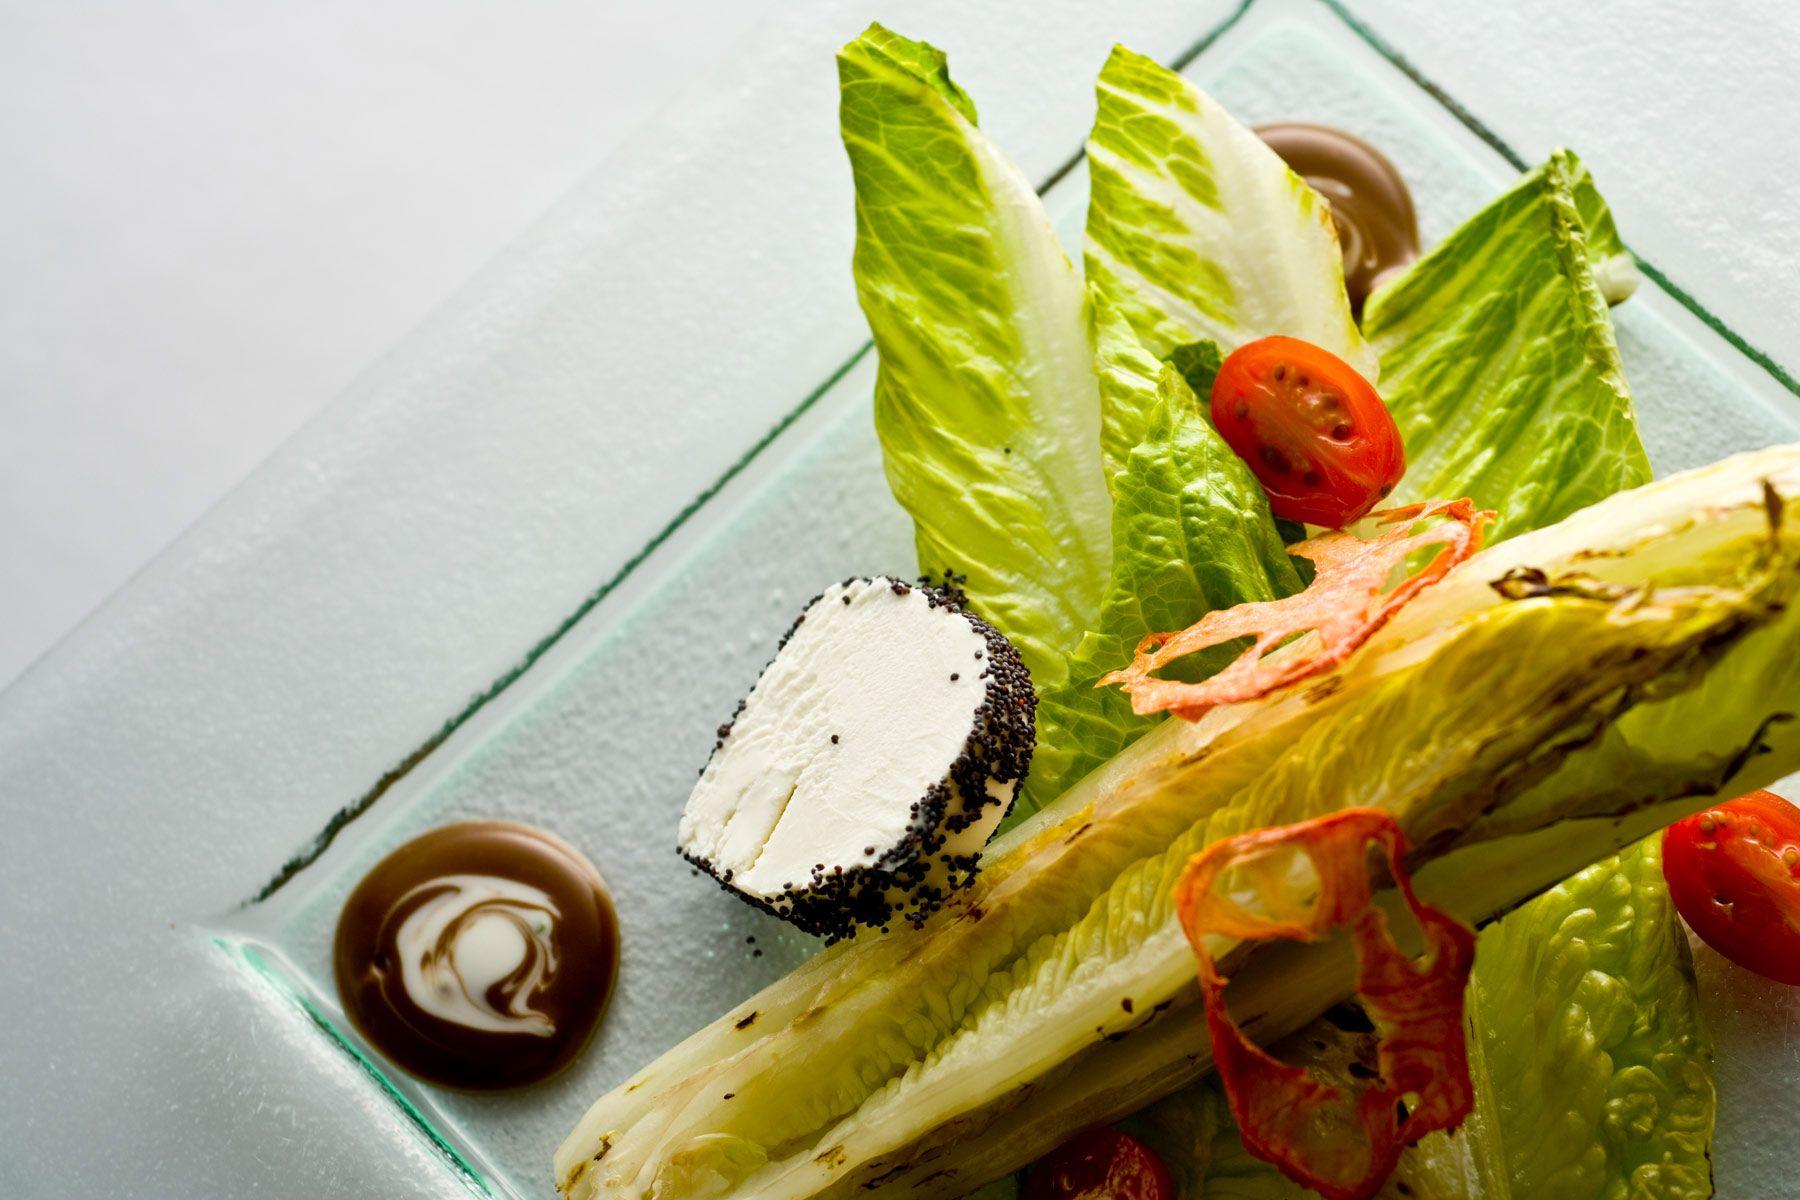 Seared-Romaine-Lettuce-salad.jpg